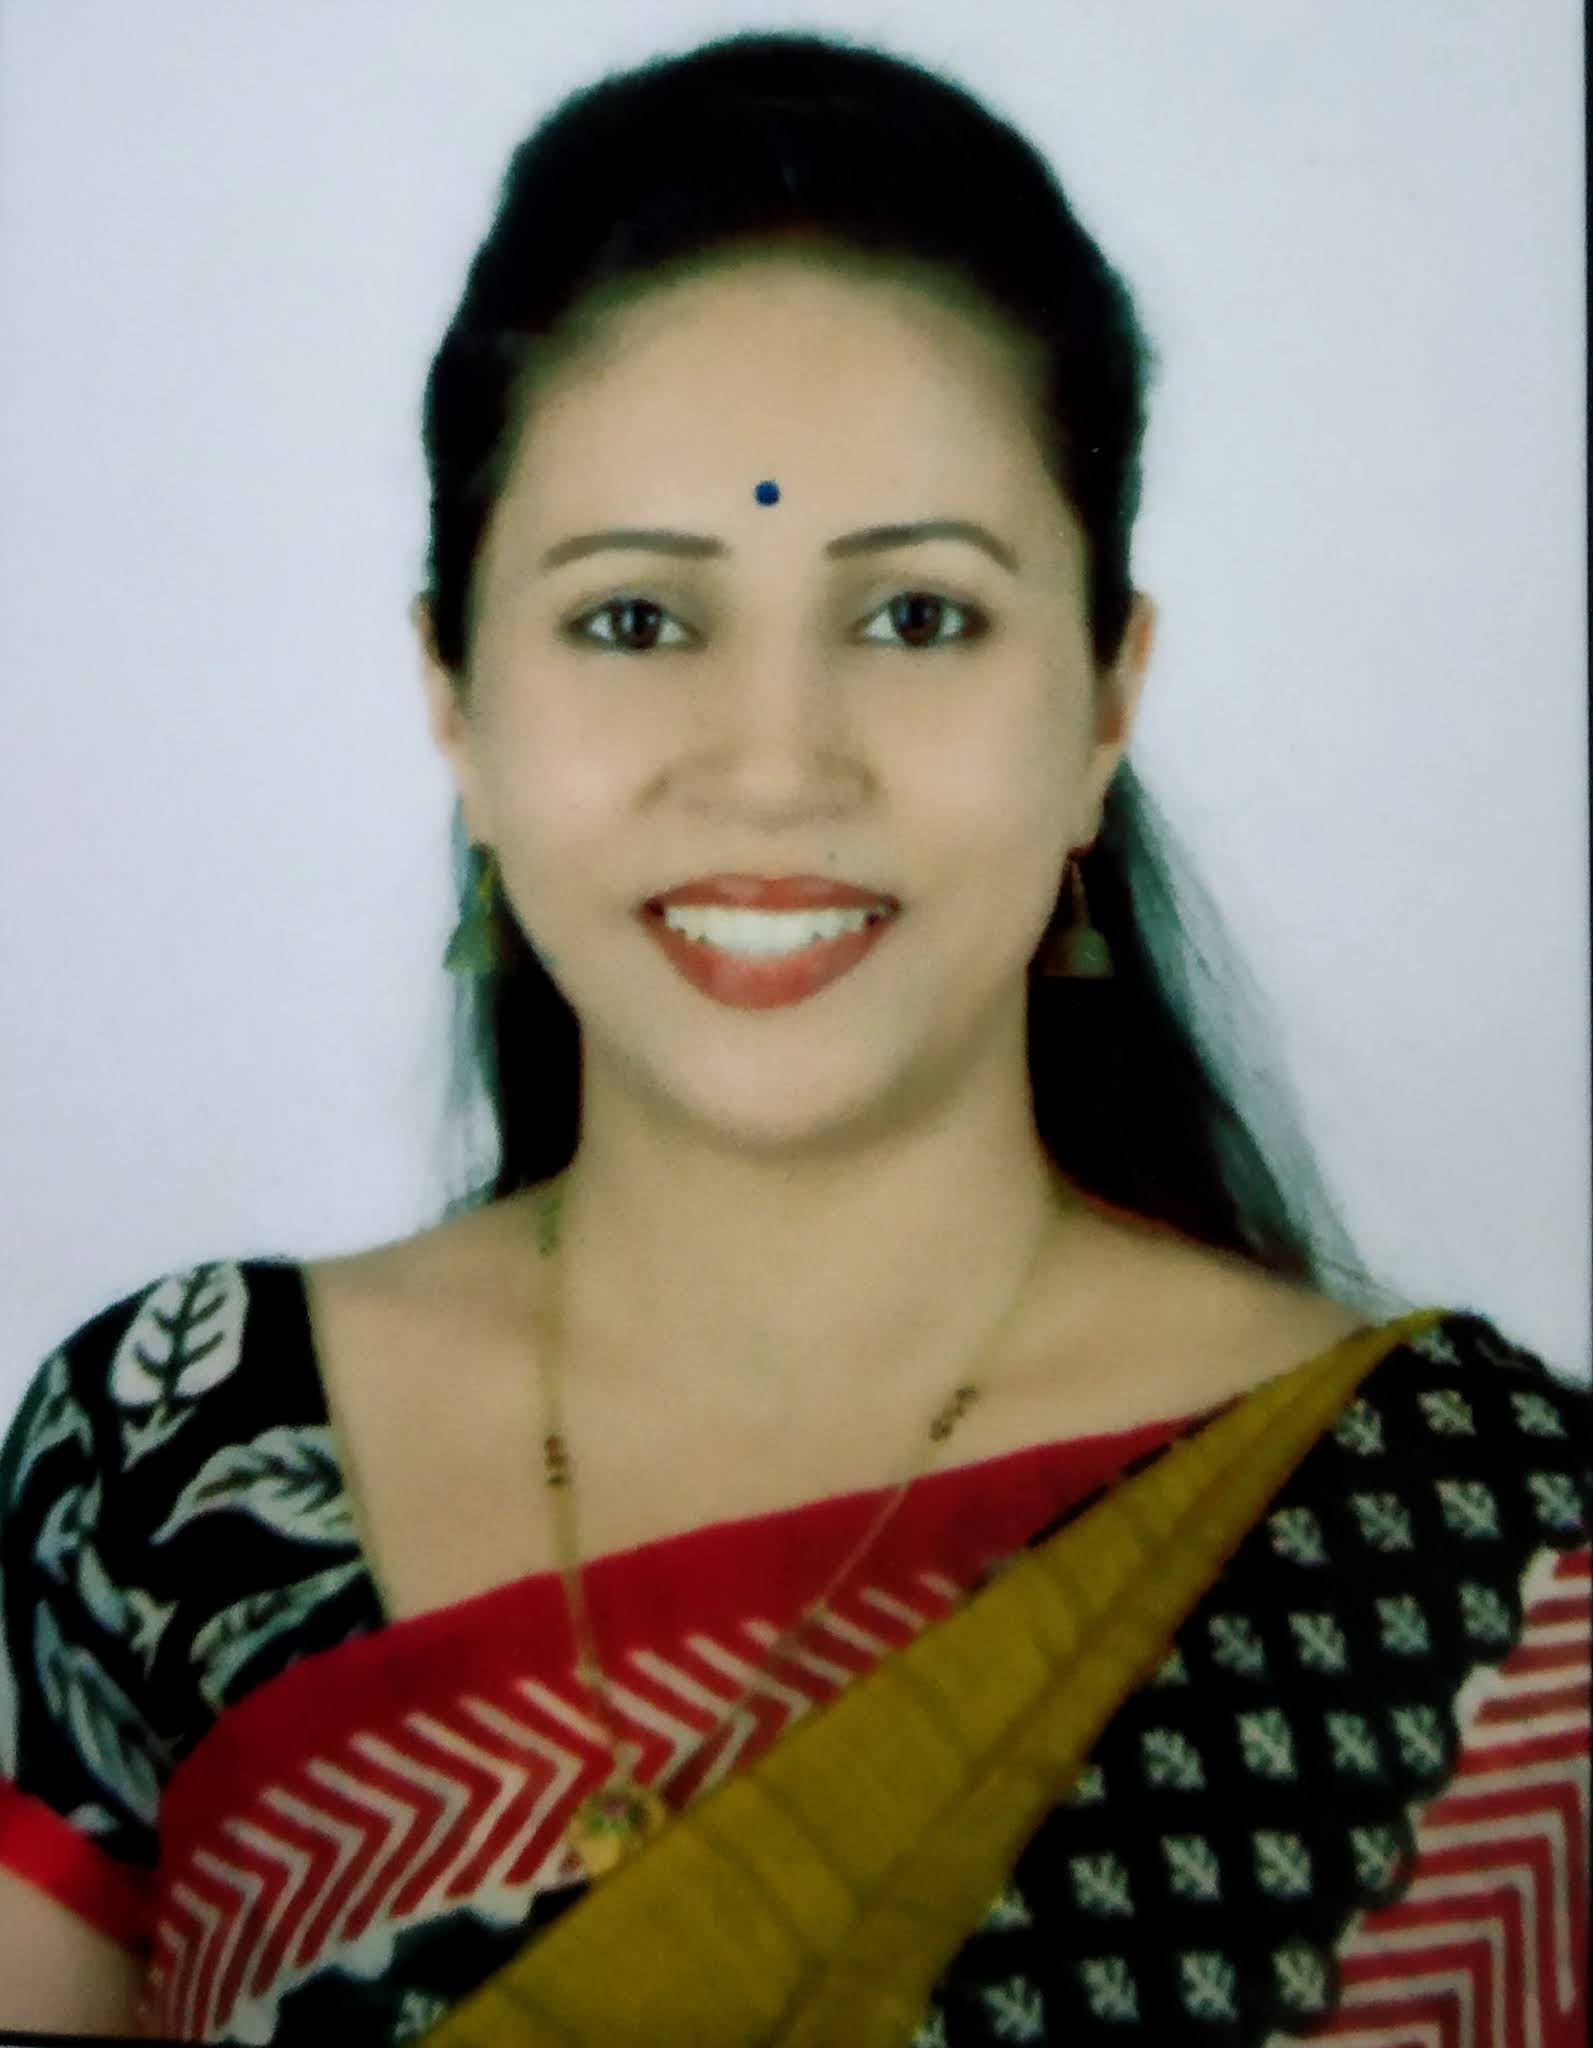 palavi, prabha-hira pratisthan, mangaltai shah, dimple tai ghadge, sahitya bharati,